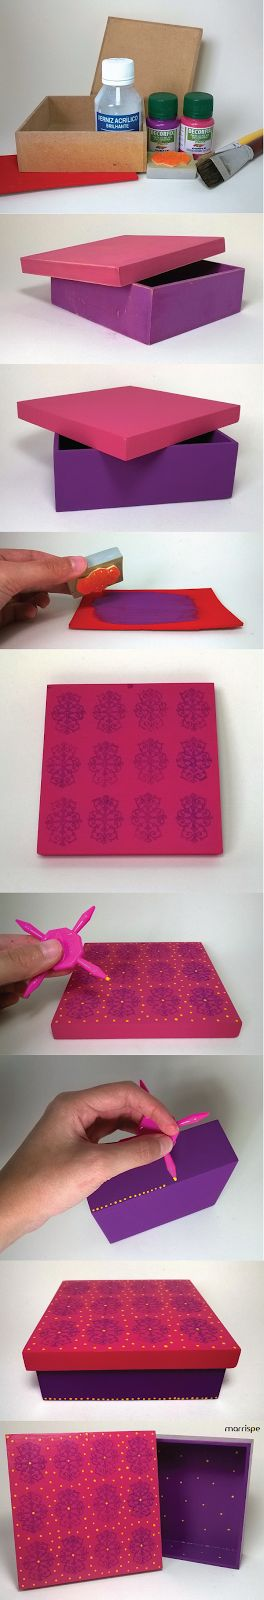 Passo-a-passo caixa em mdf decorada com carimbo de arabesco e bolinhas…